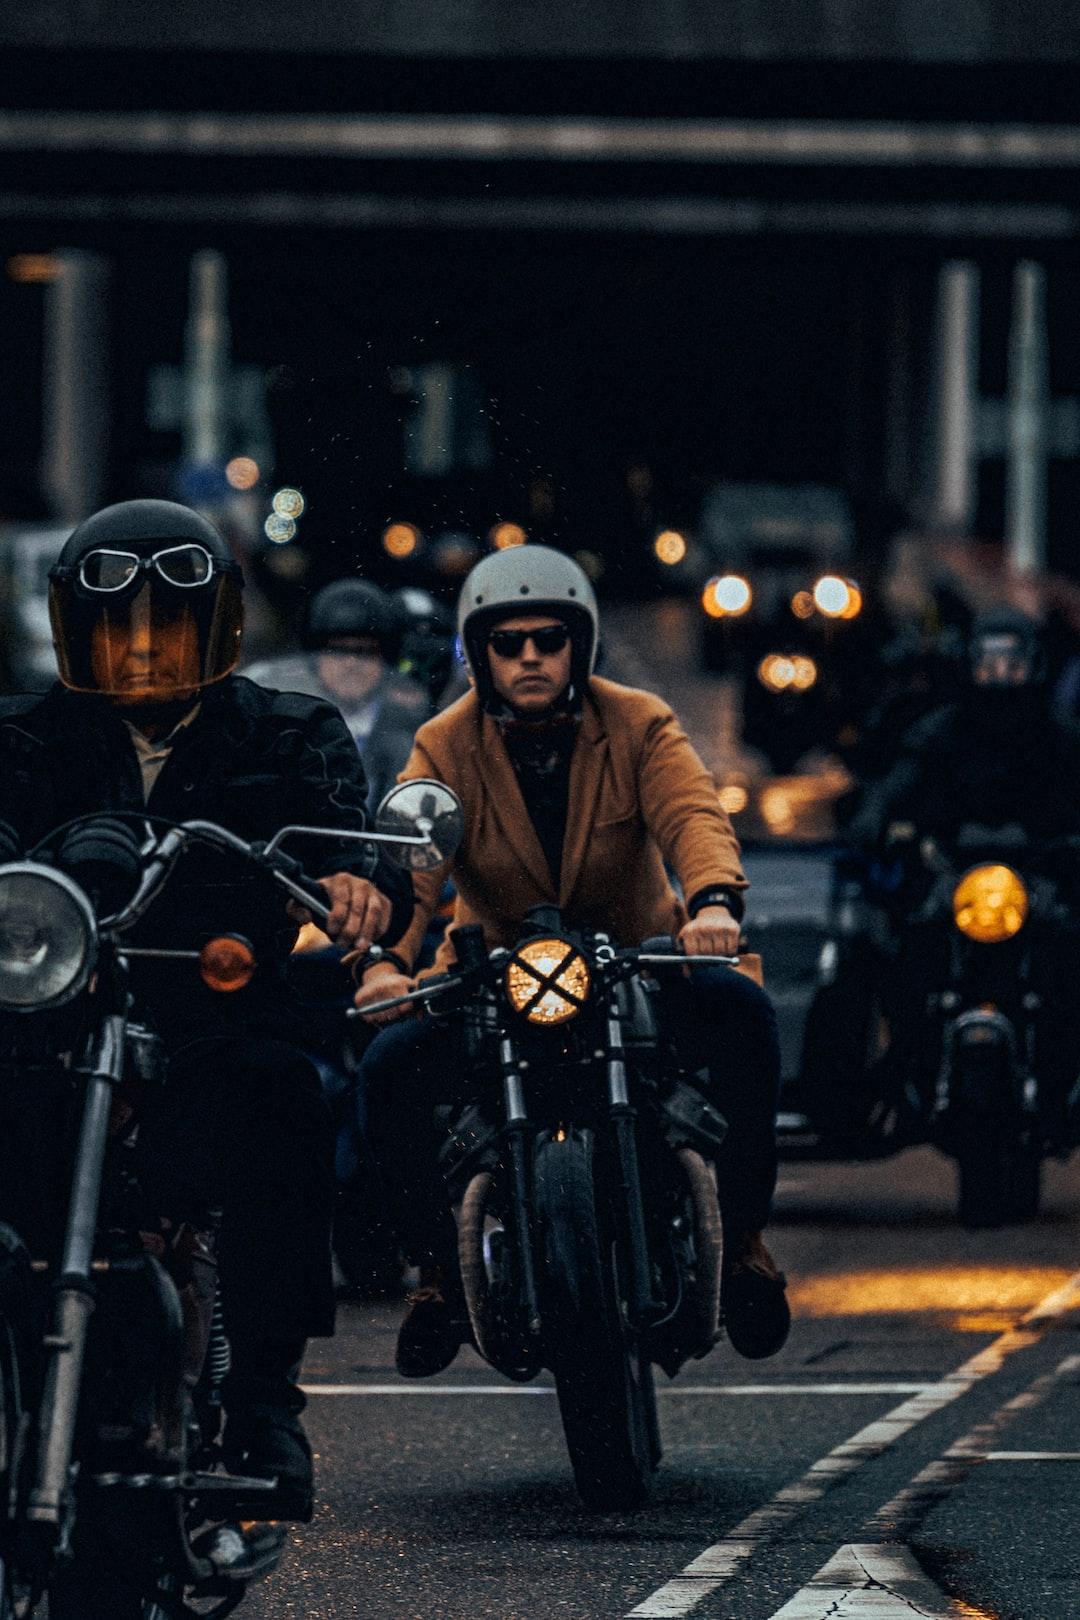 Gentlemans Ride Amsterdam 2019